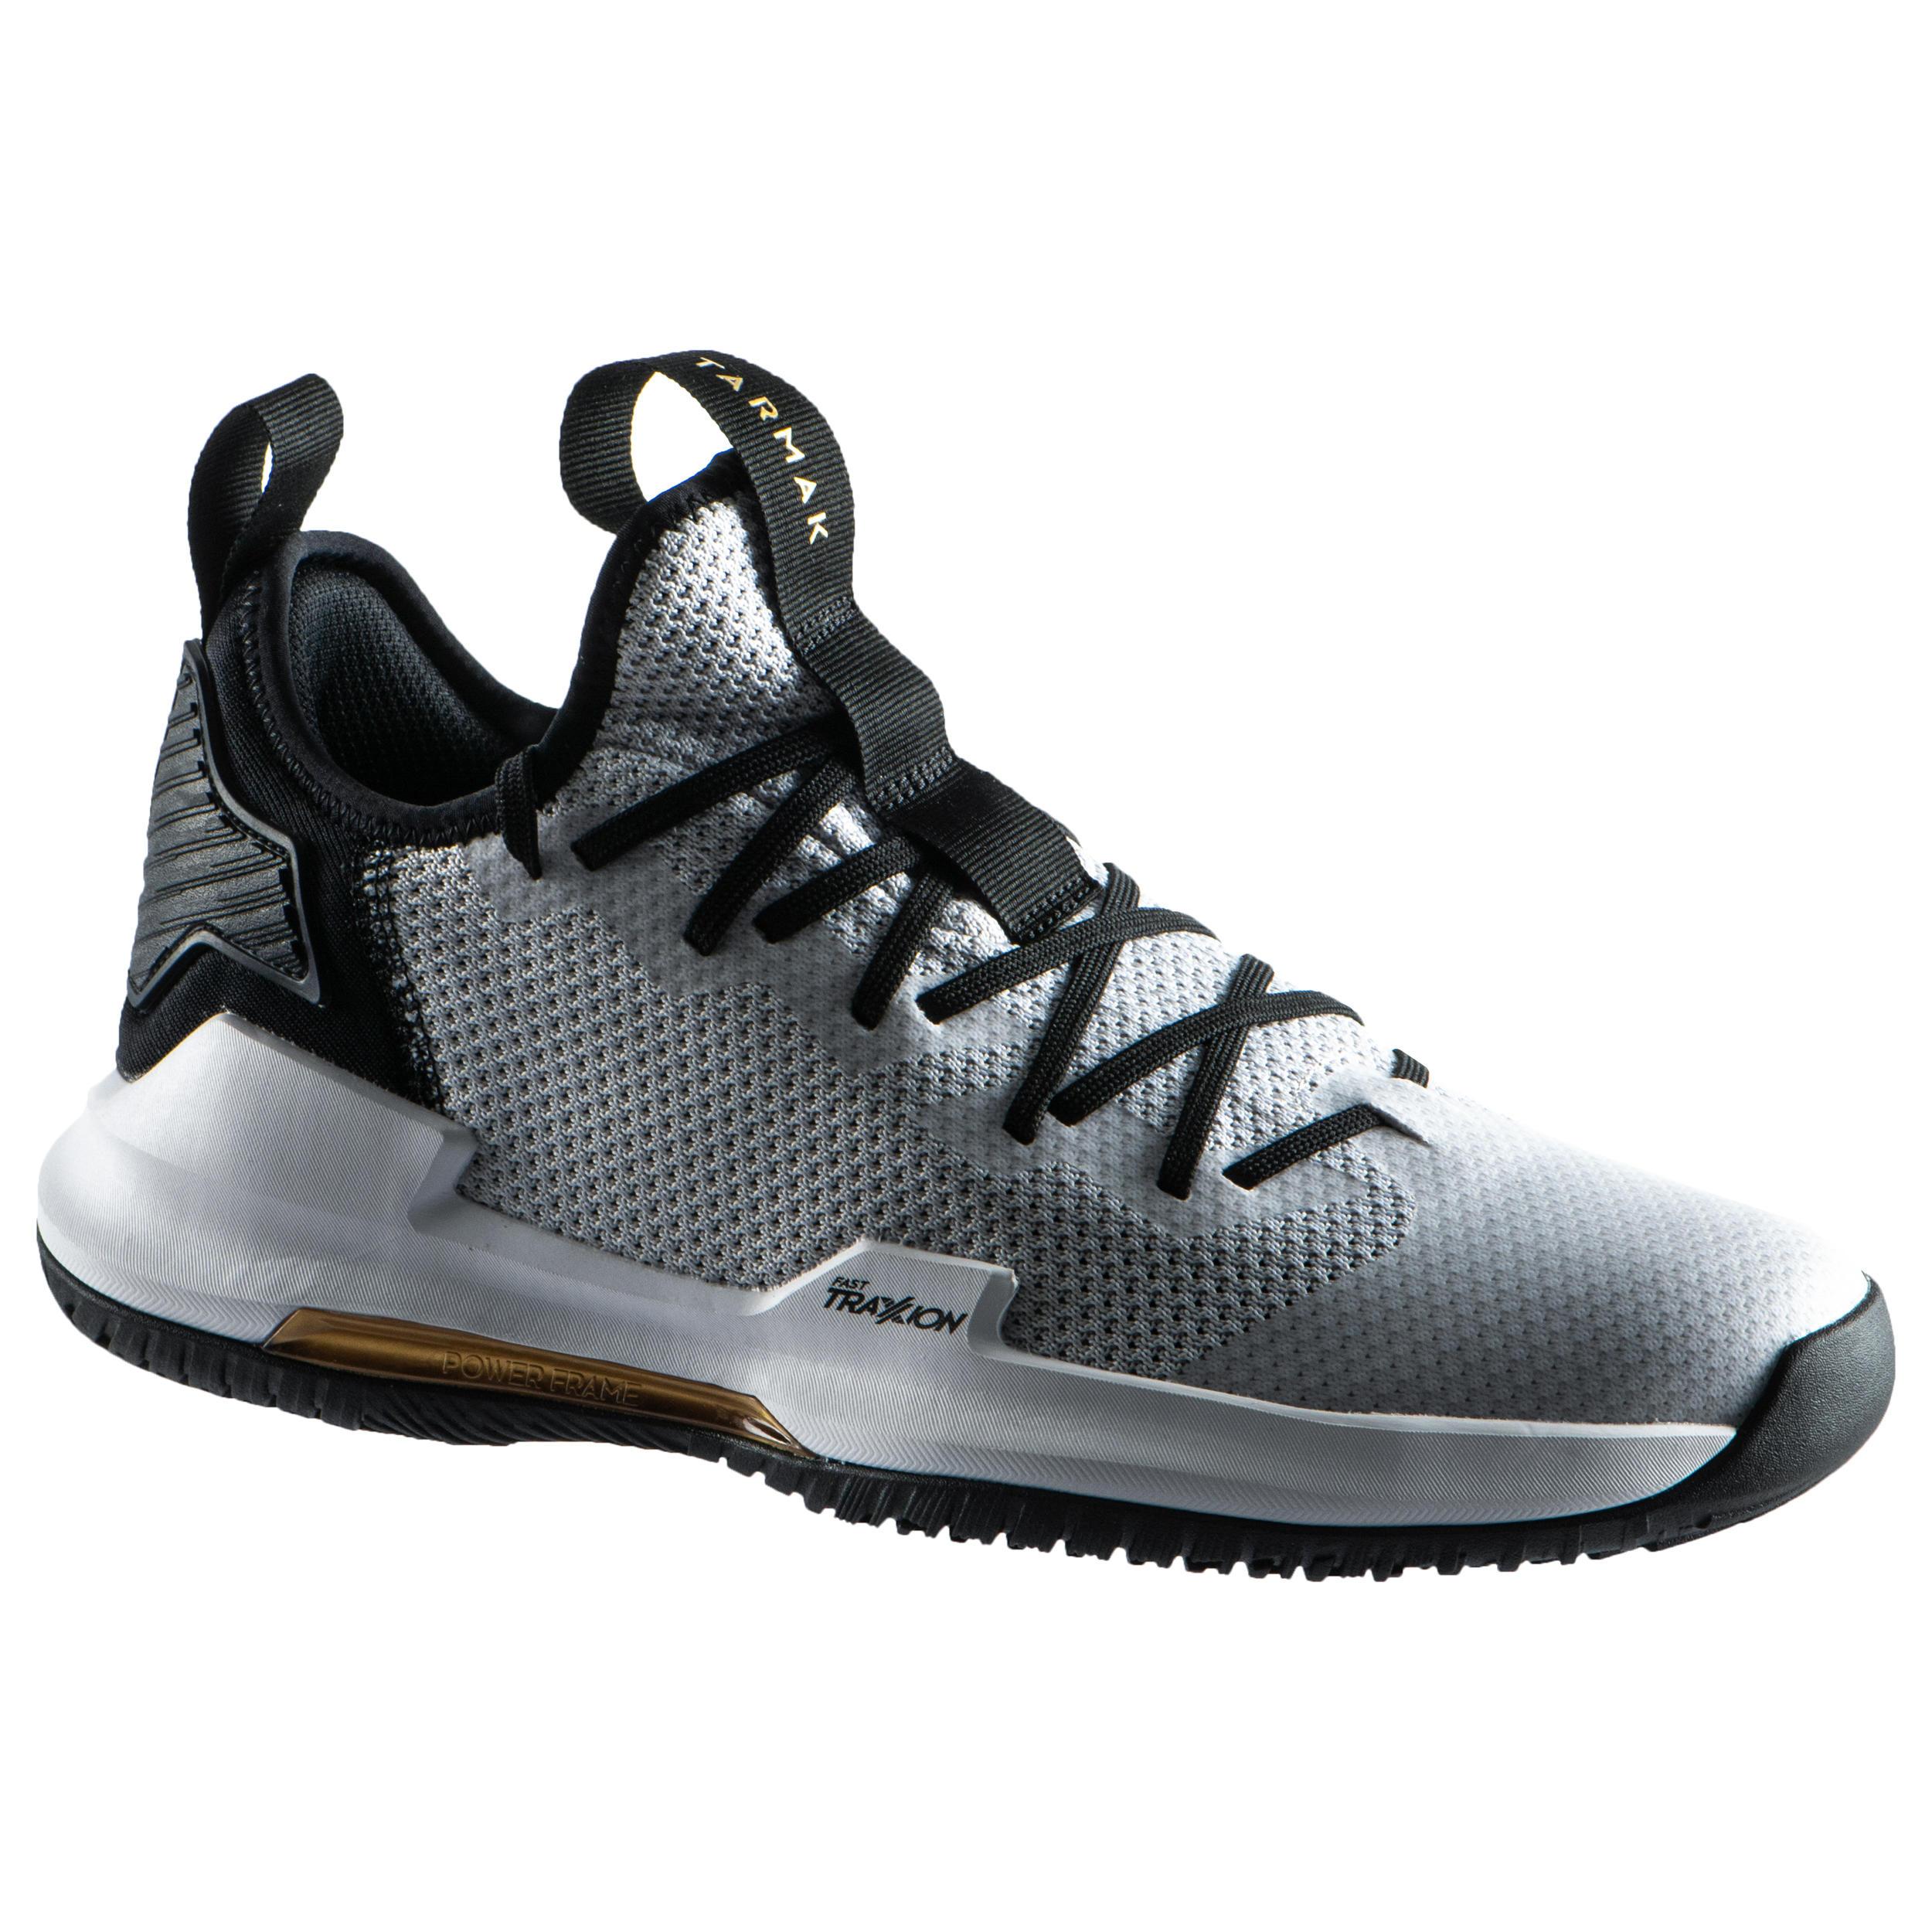 amplia selección de colores y diseños precio justo venta caliente barato Zapatillas de Baloncesto Hombre - Decathlon